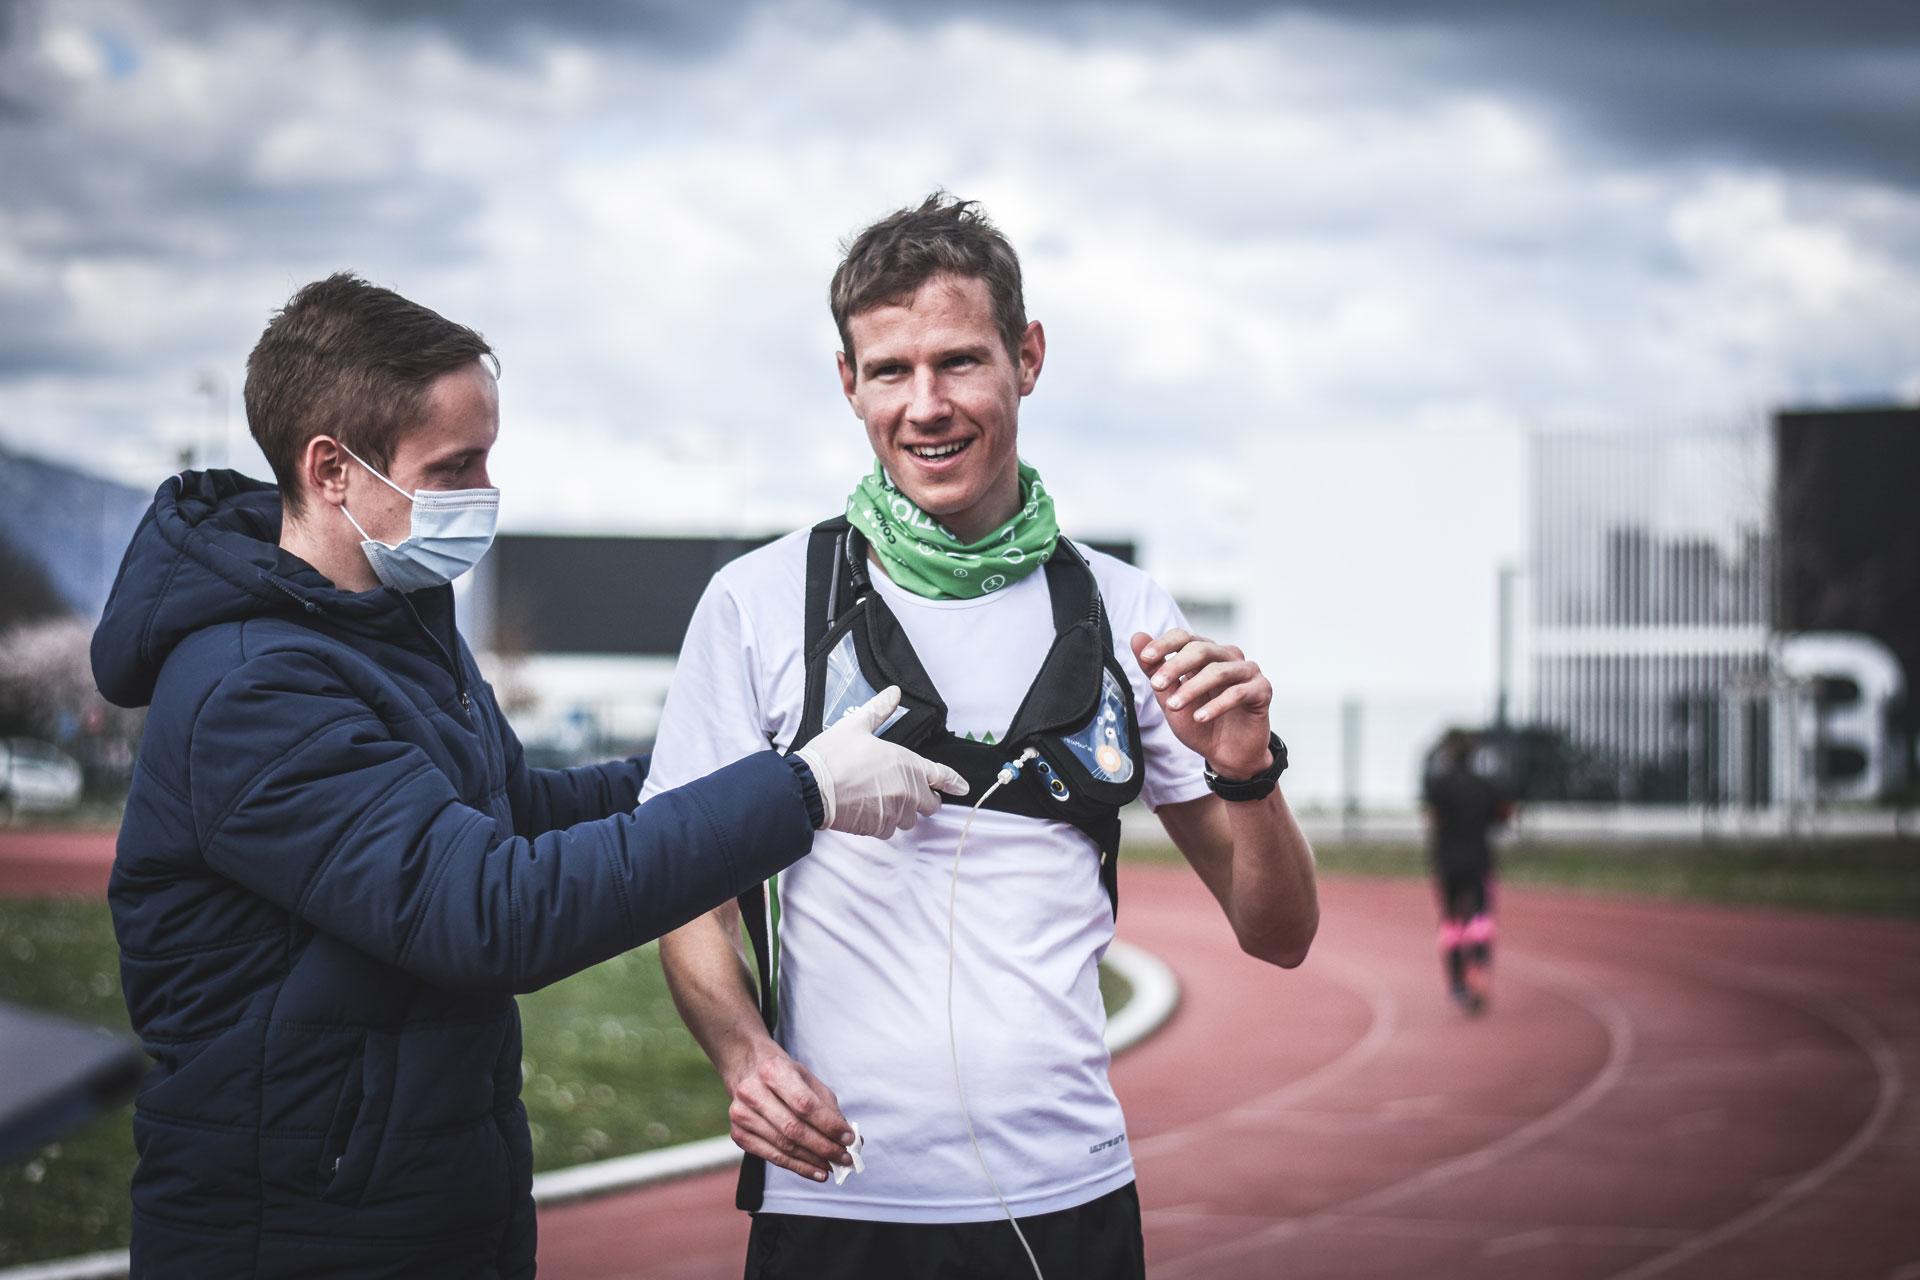 Scientifique Sporttesting équipe coureur de matériel de mesure physiologique - filières énergétiques